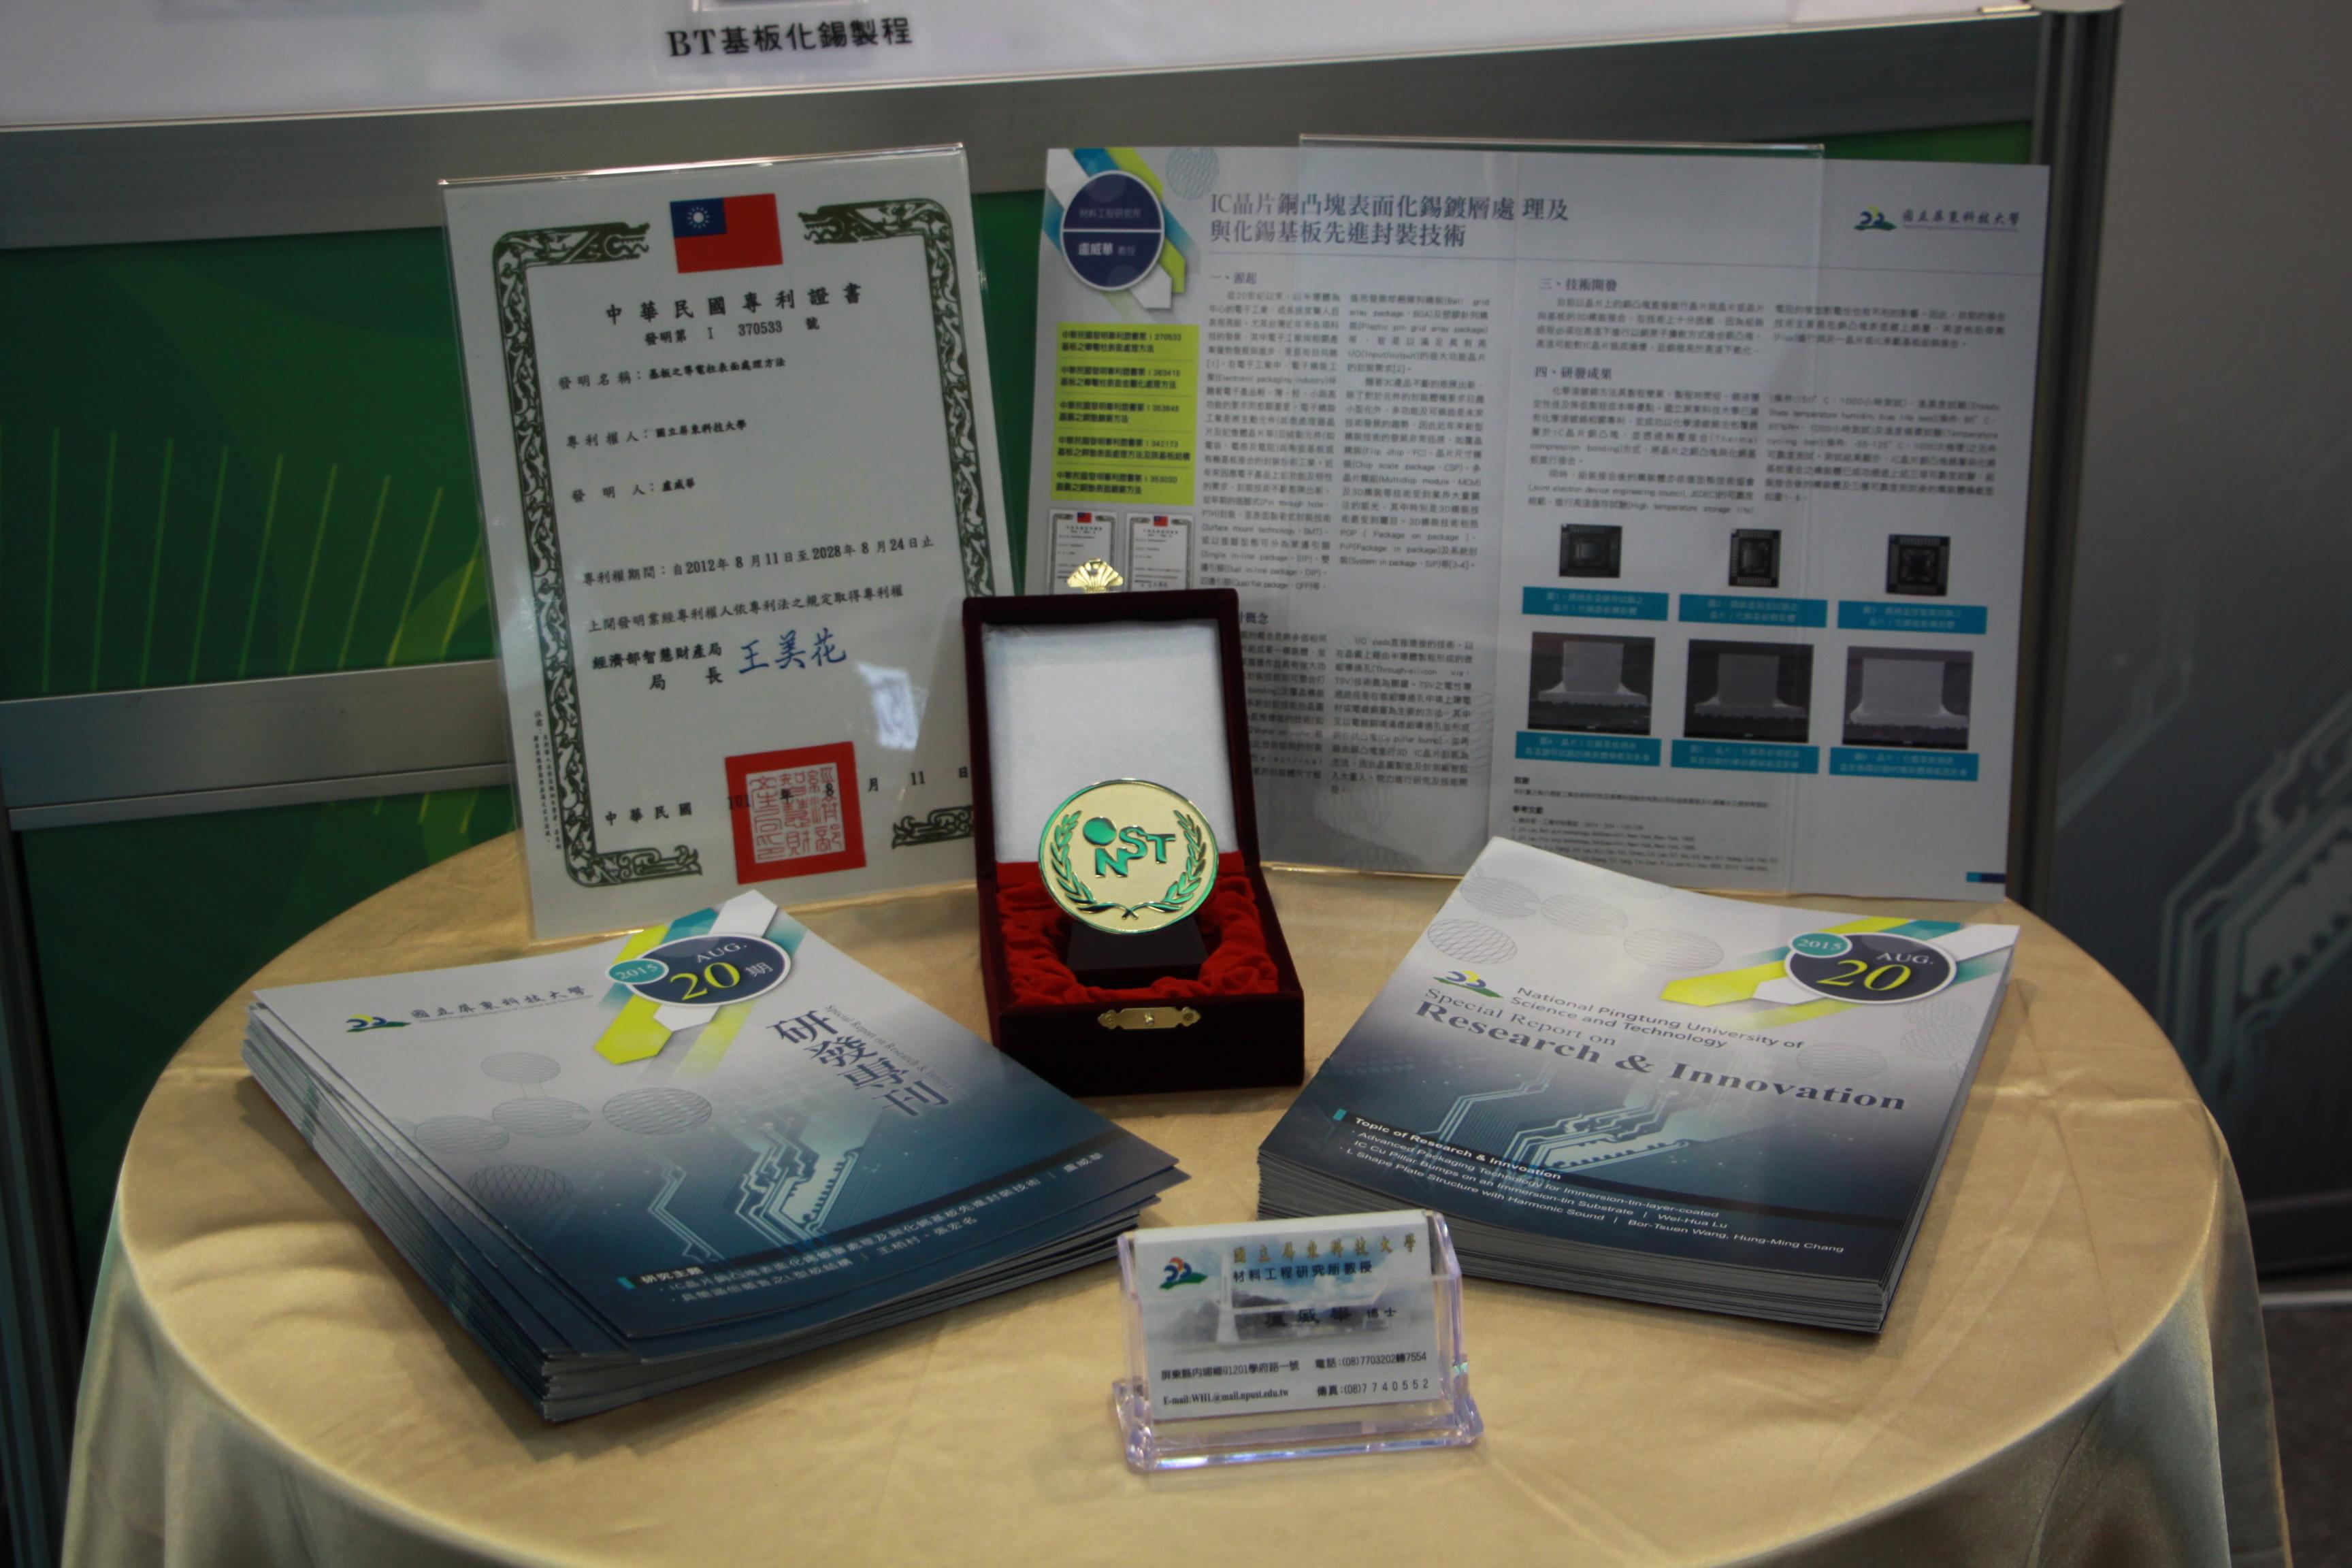 學生專利奪得獎牌認證 (圖/黃婕攝)